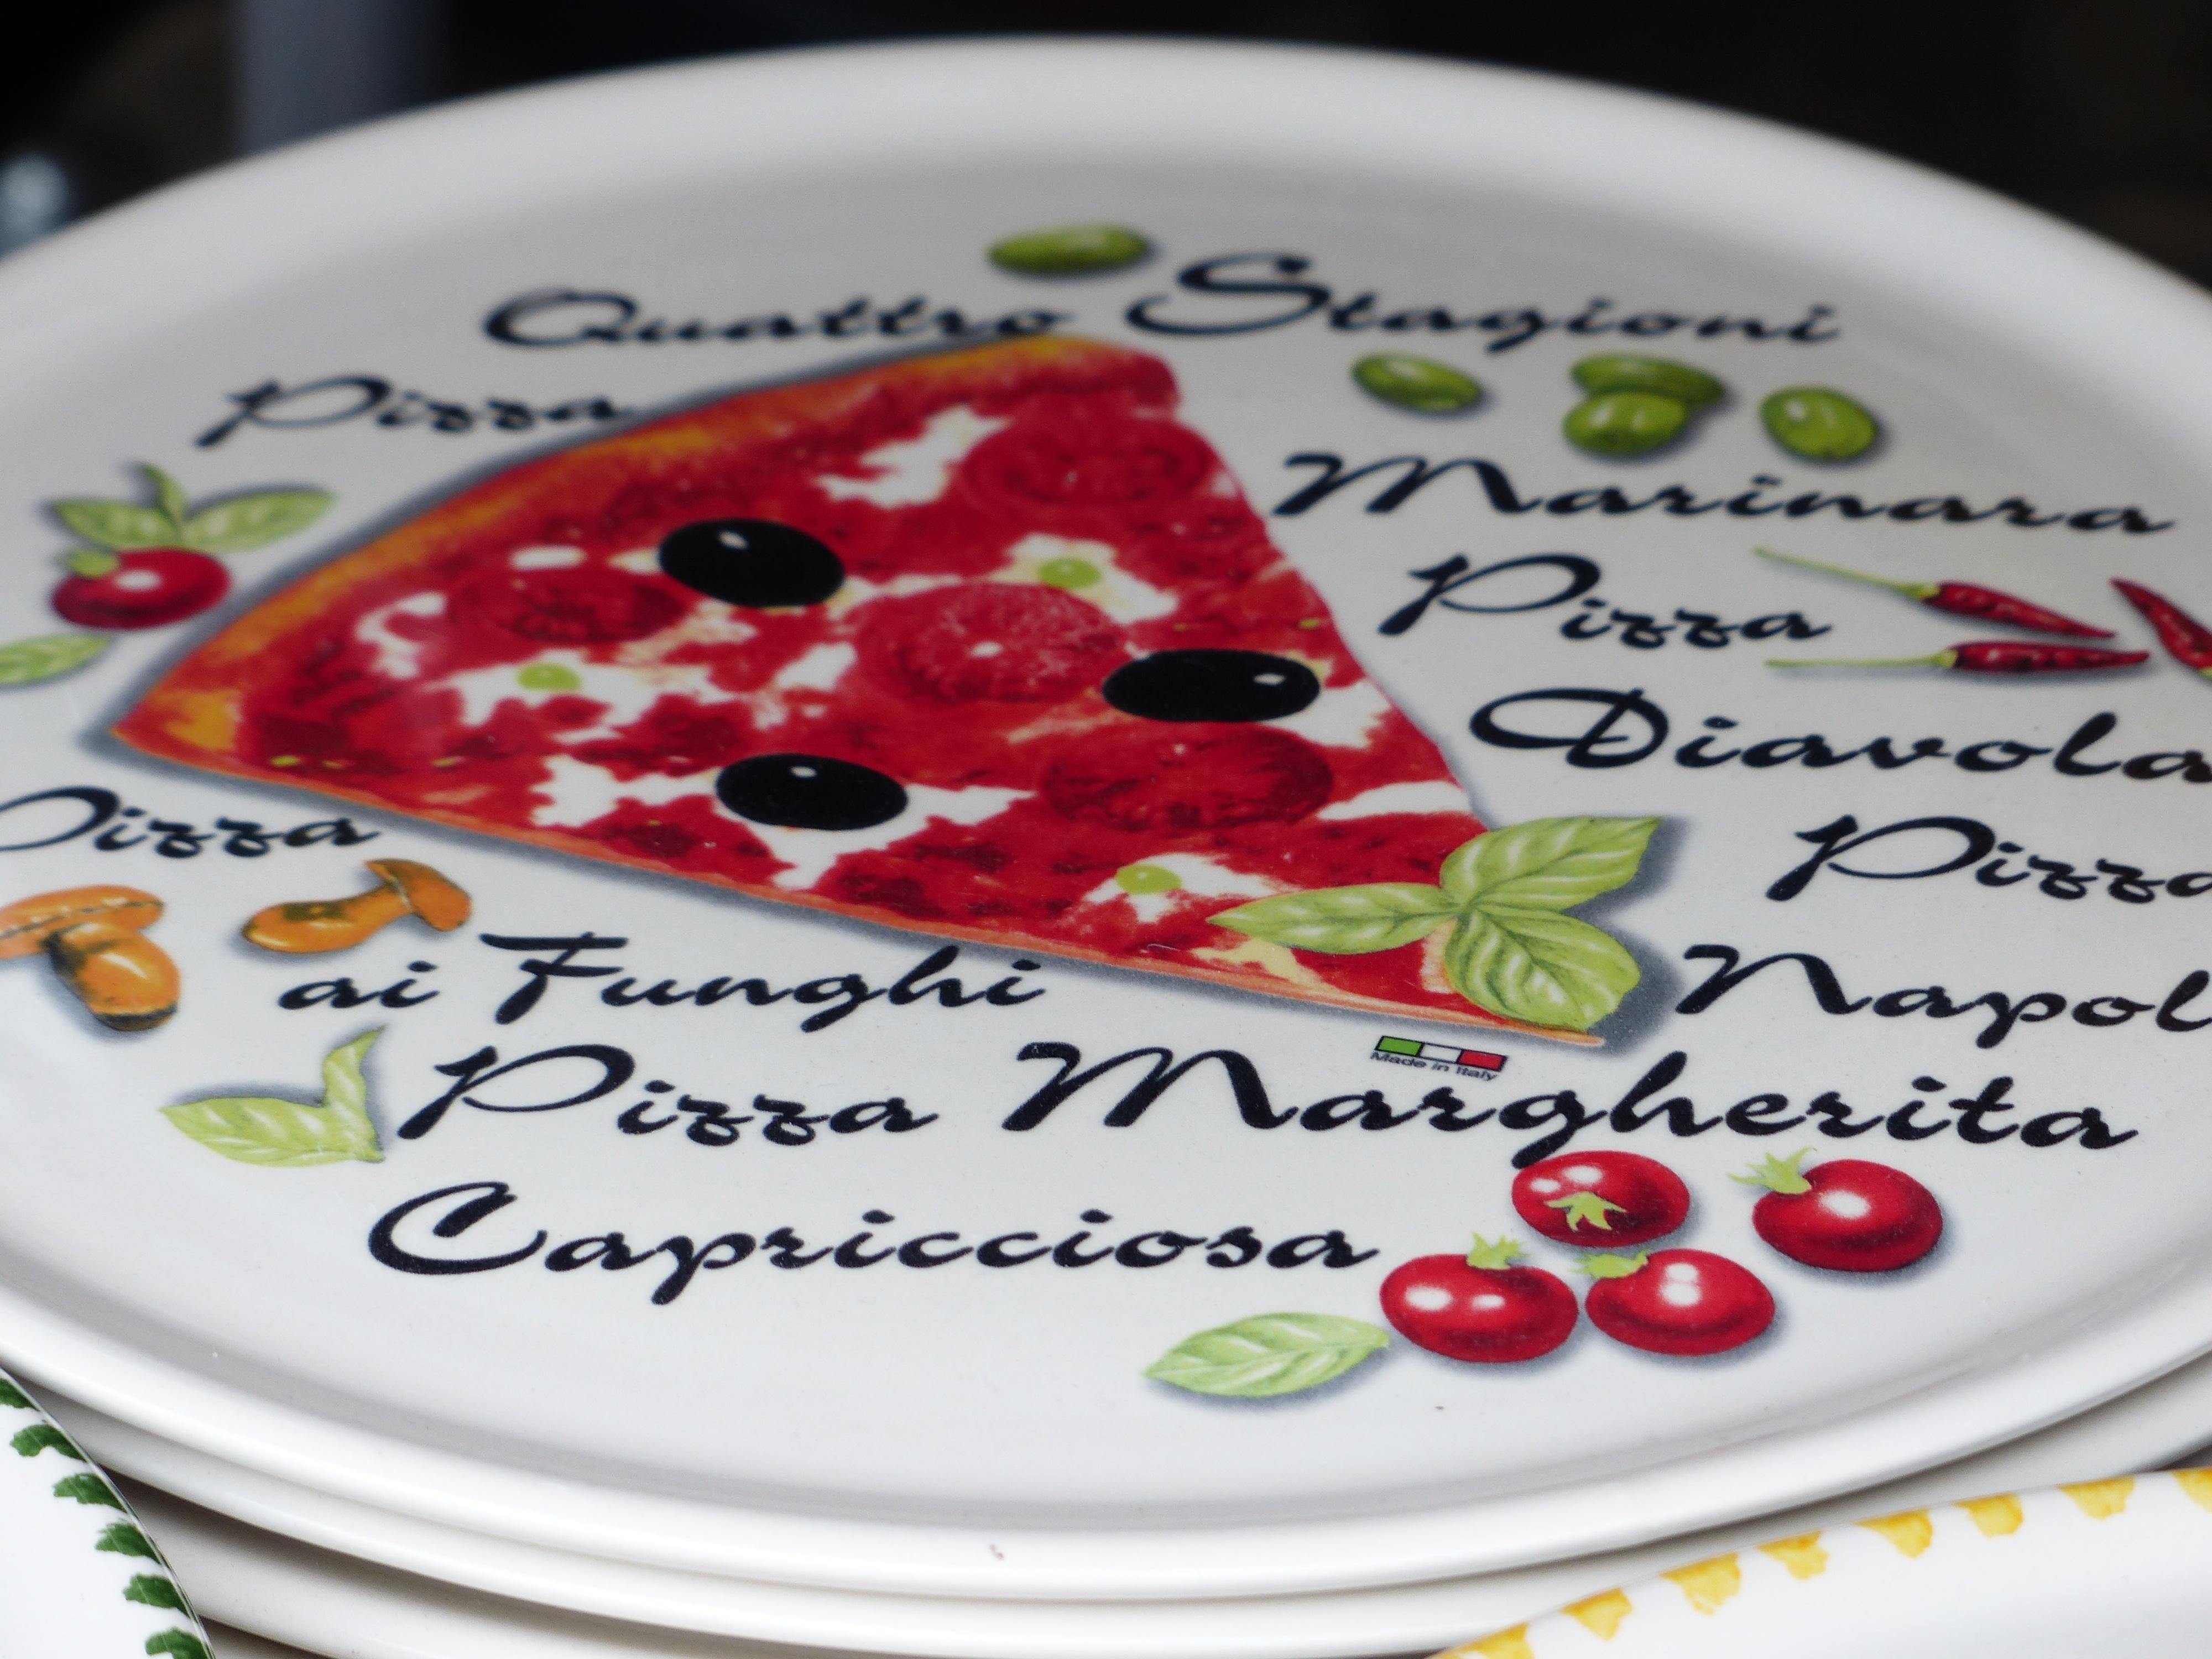 Fotos gratis : planta, Fruta, plato, comida, Produce, cerámico ...